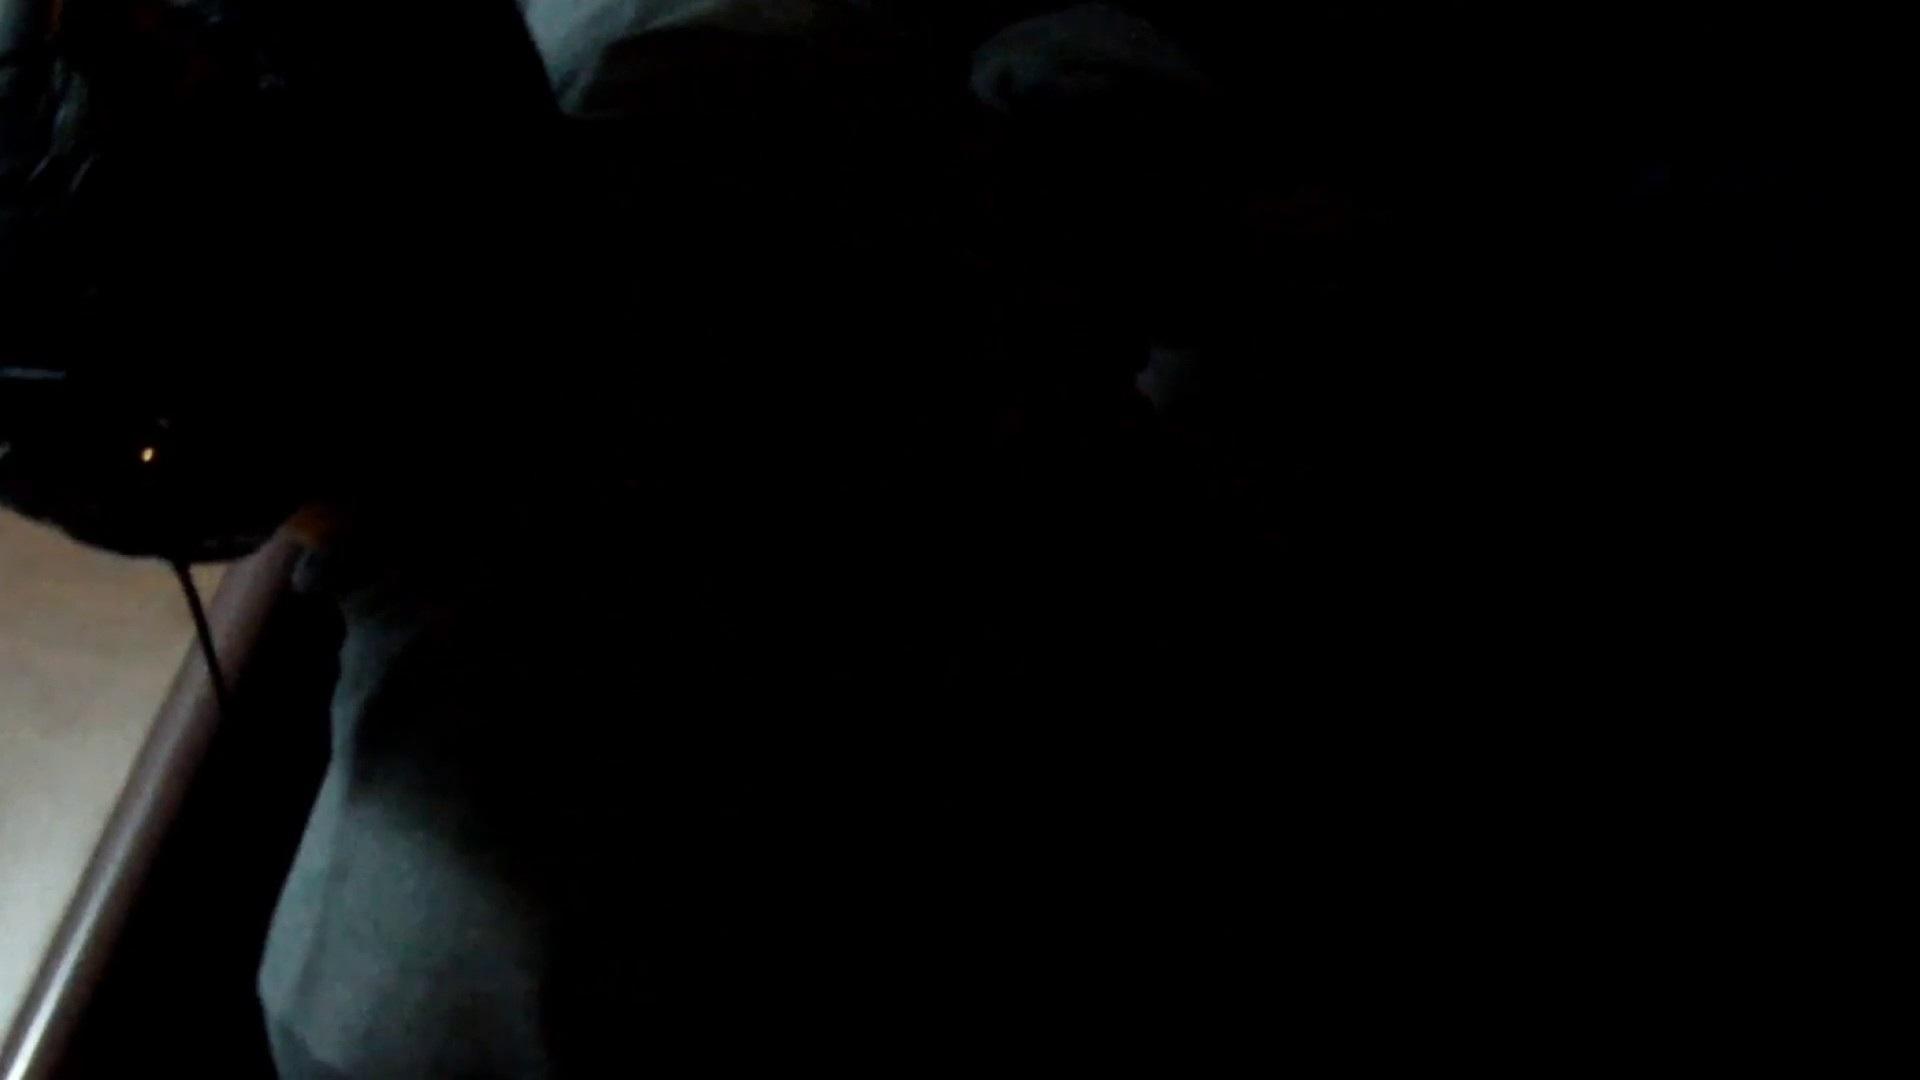 巨根 オナニー塾Vol.31 オナニー | モザイク無し アダルトビデオ画像キャプチャ 71pic 43